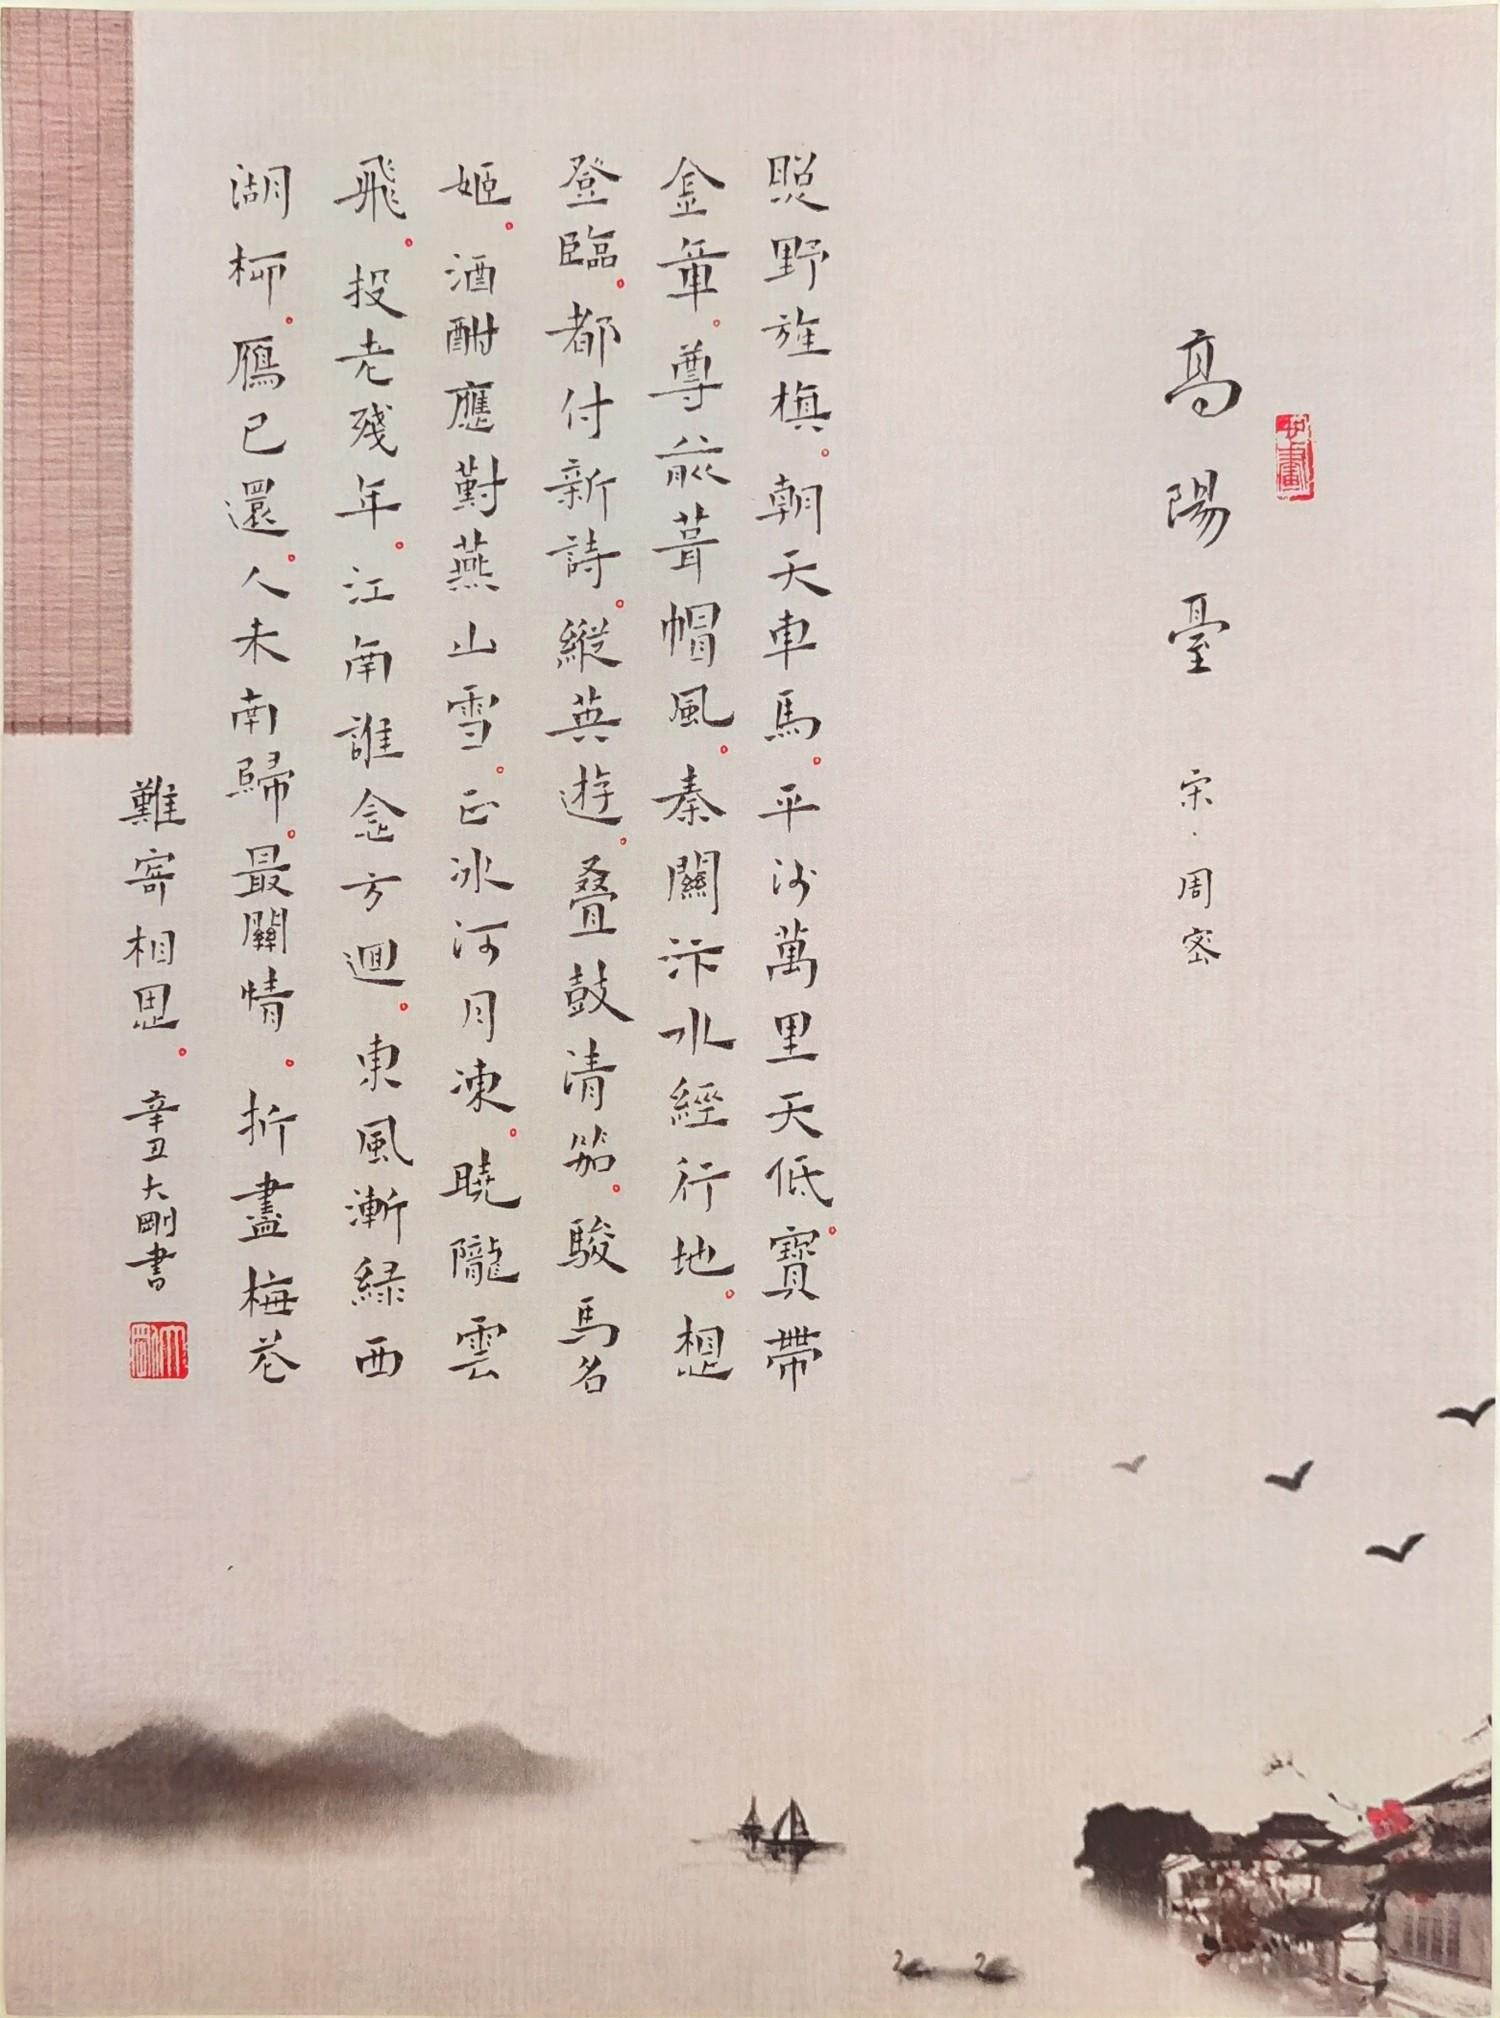 钢笔书法练字打卡20210525-12